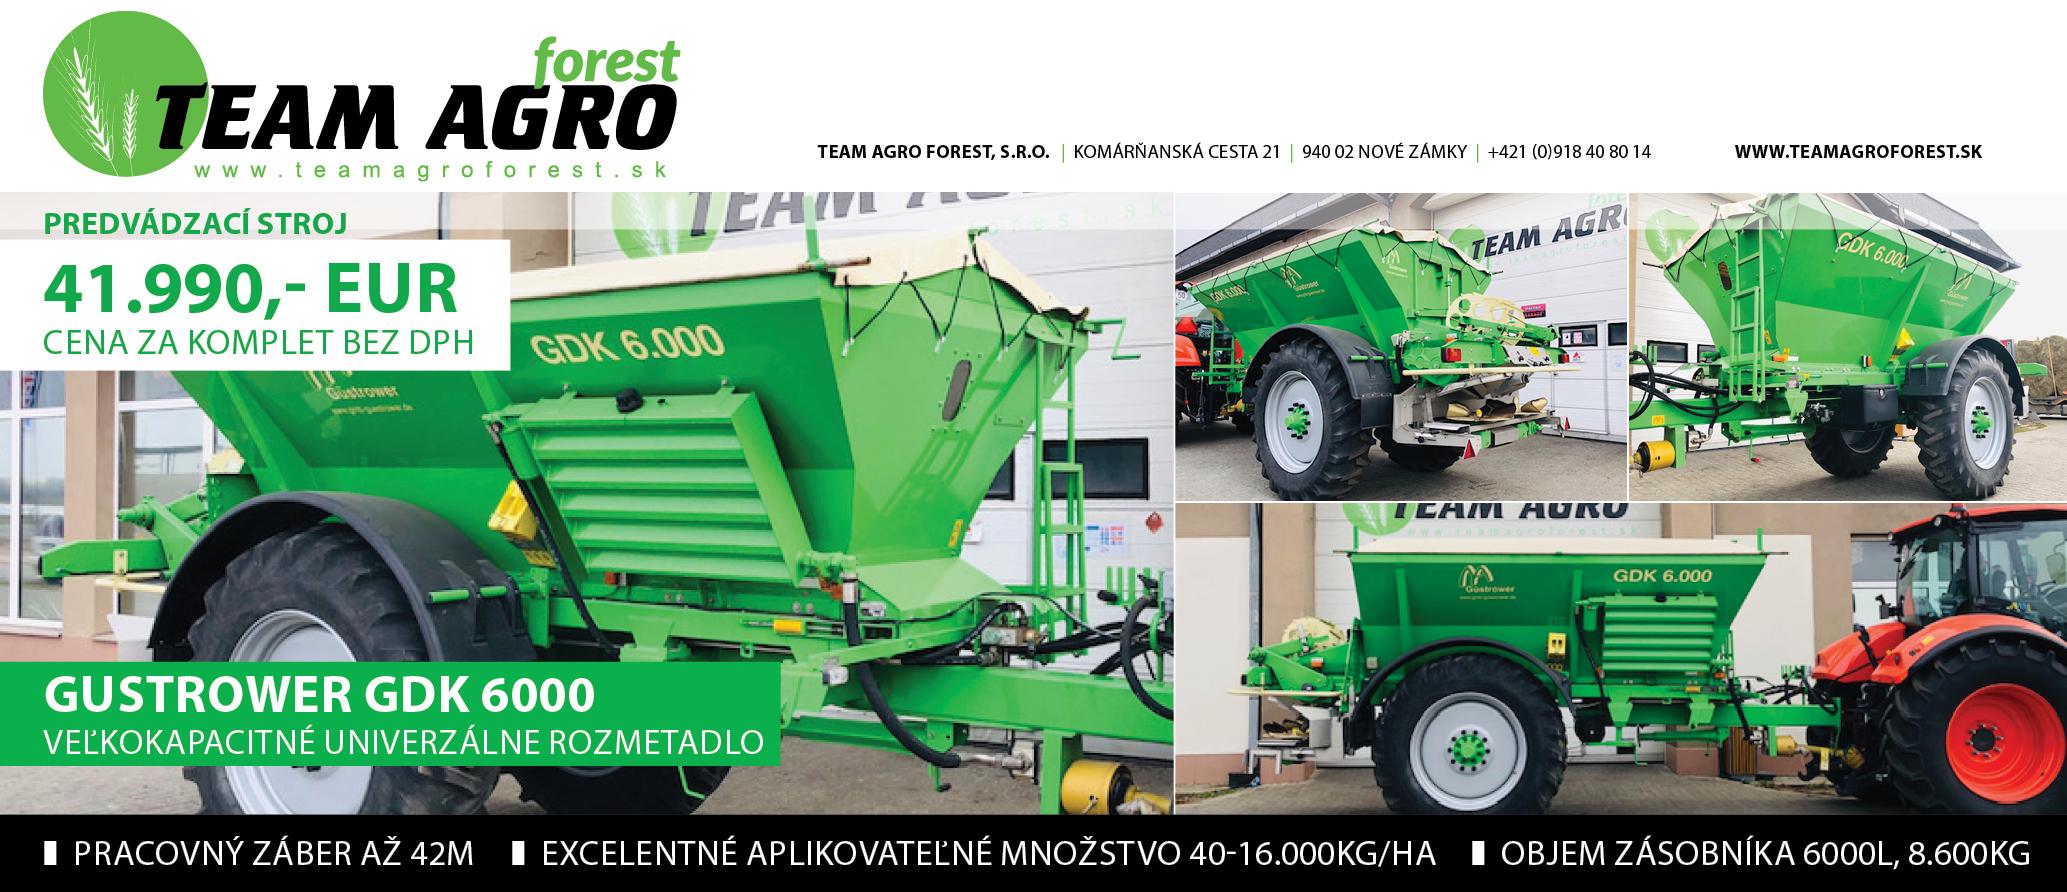 Gustrower GDK 6000